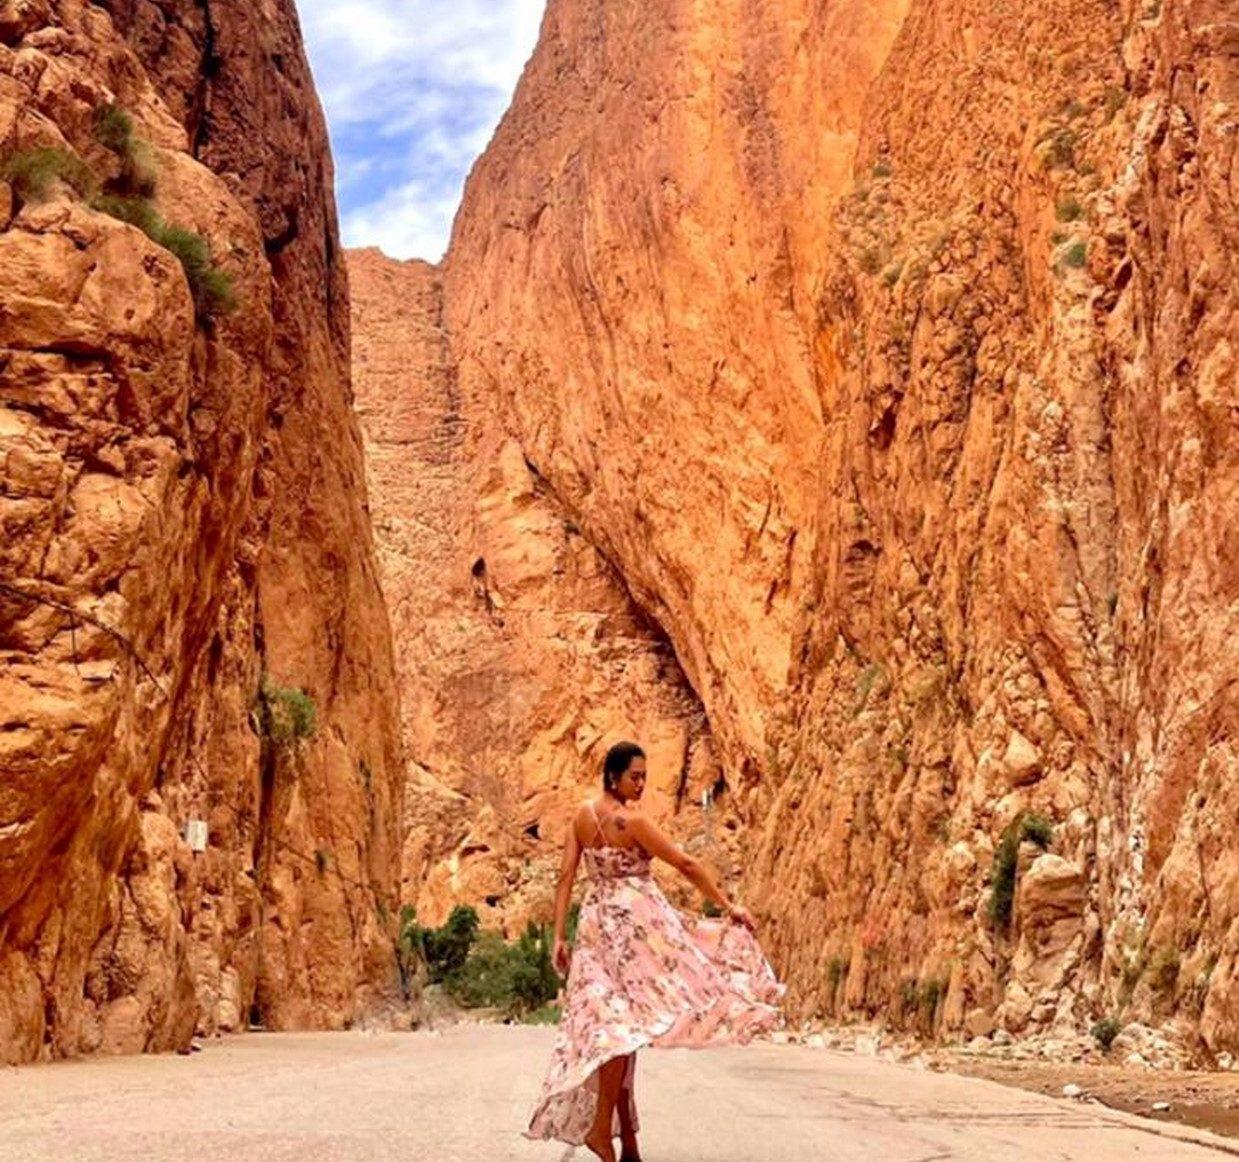 Sahara Desert Tour from Fez to Marrakech 3